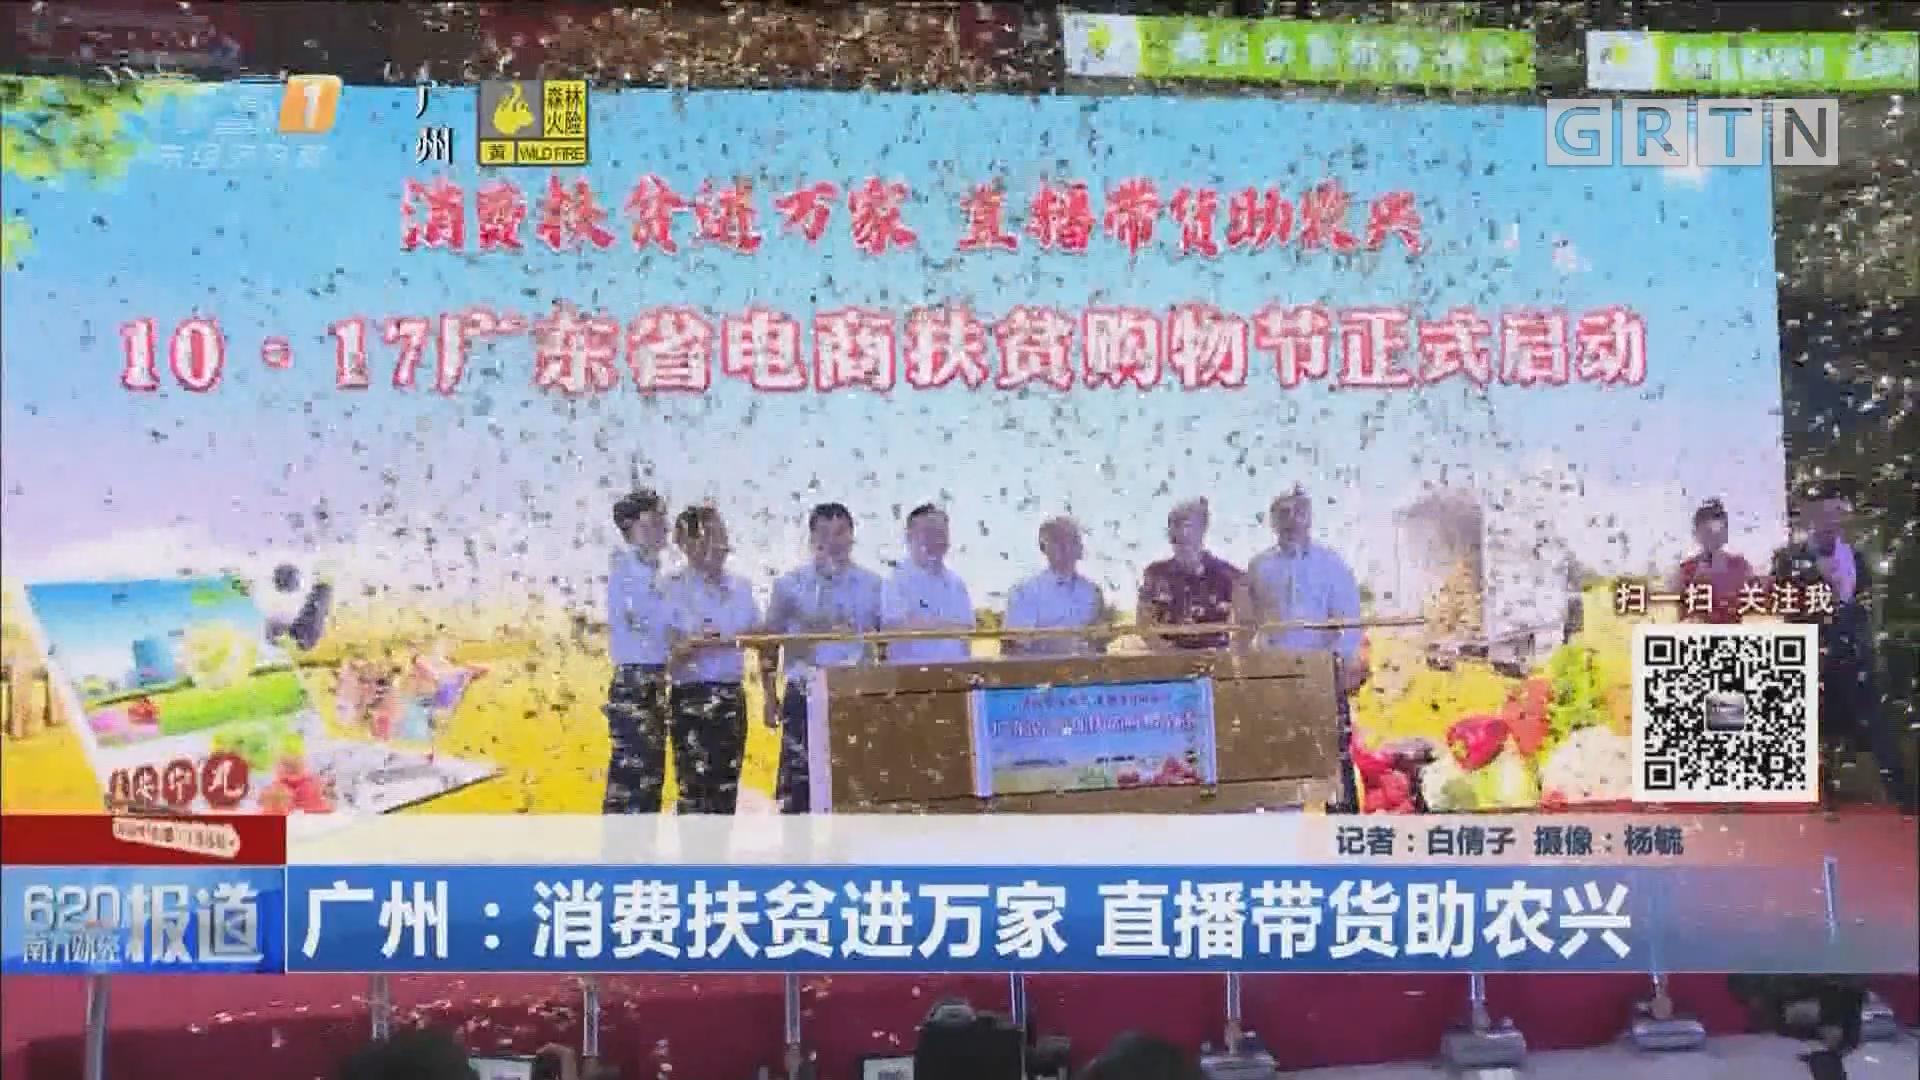 广州:消费扶贫进万家 直播带货助农兴